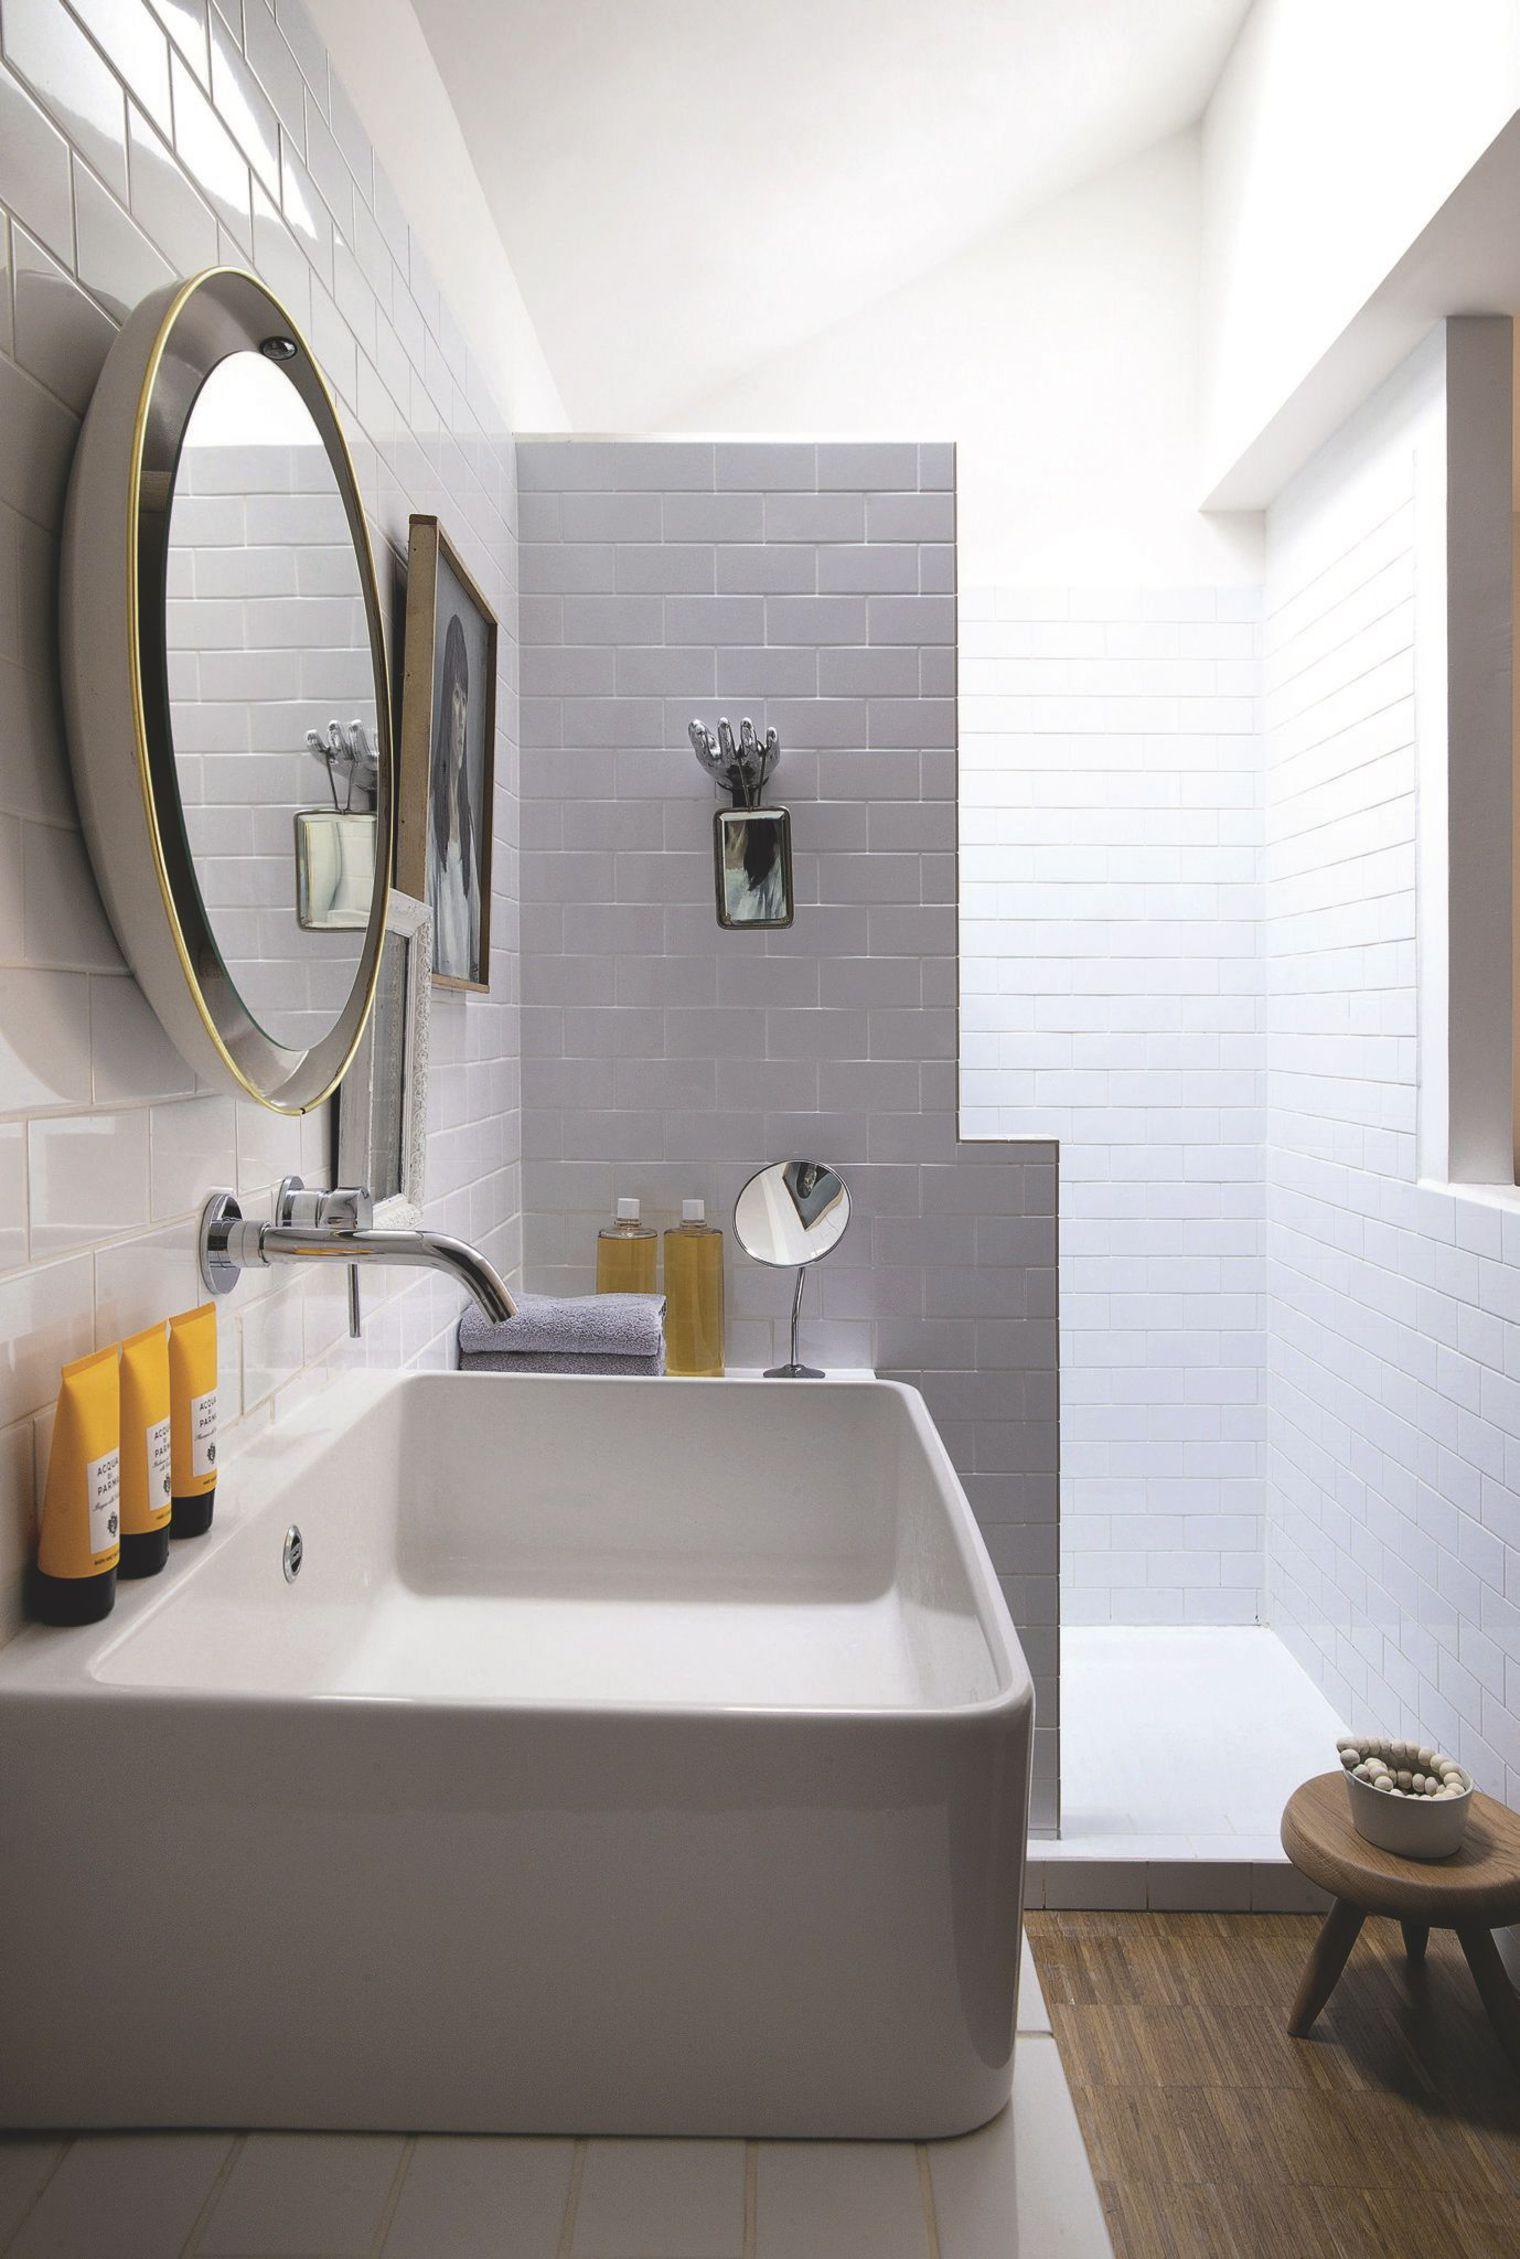 dans la salle de bains carrele de blanc style mtro tabouret charlotte perriand portrait - Salle De Bain Charlotte Perriand